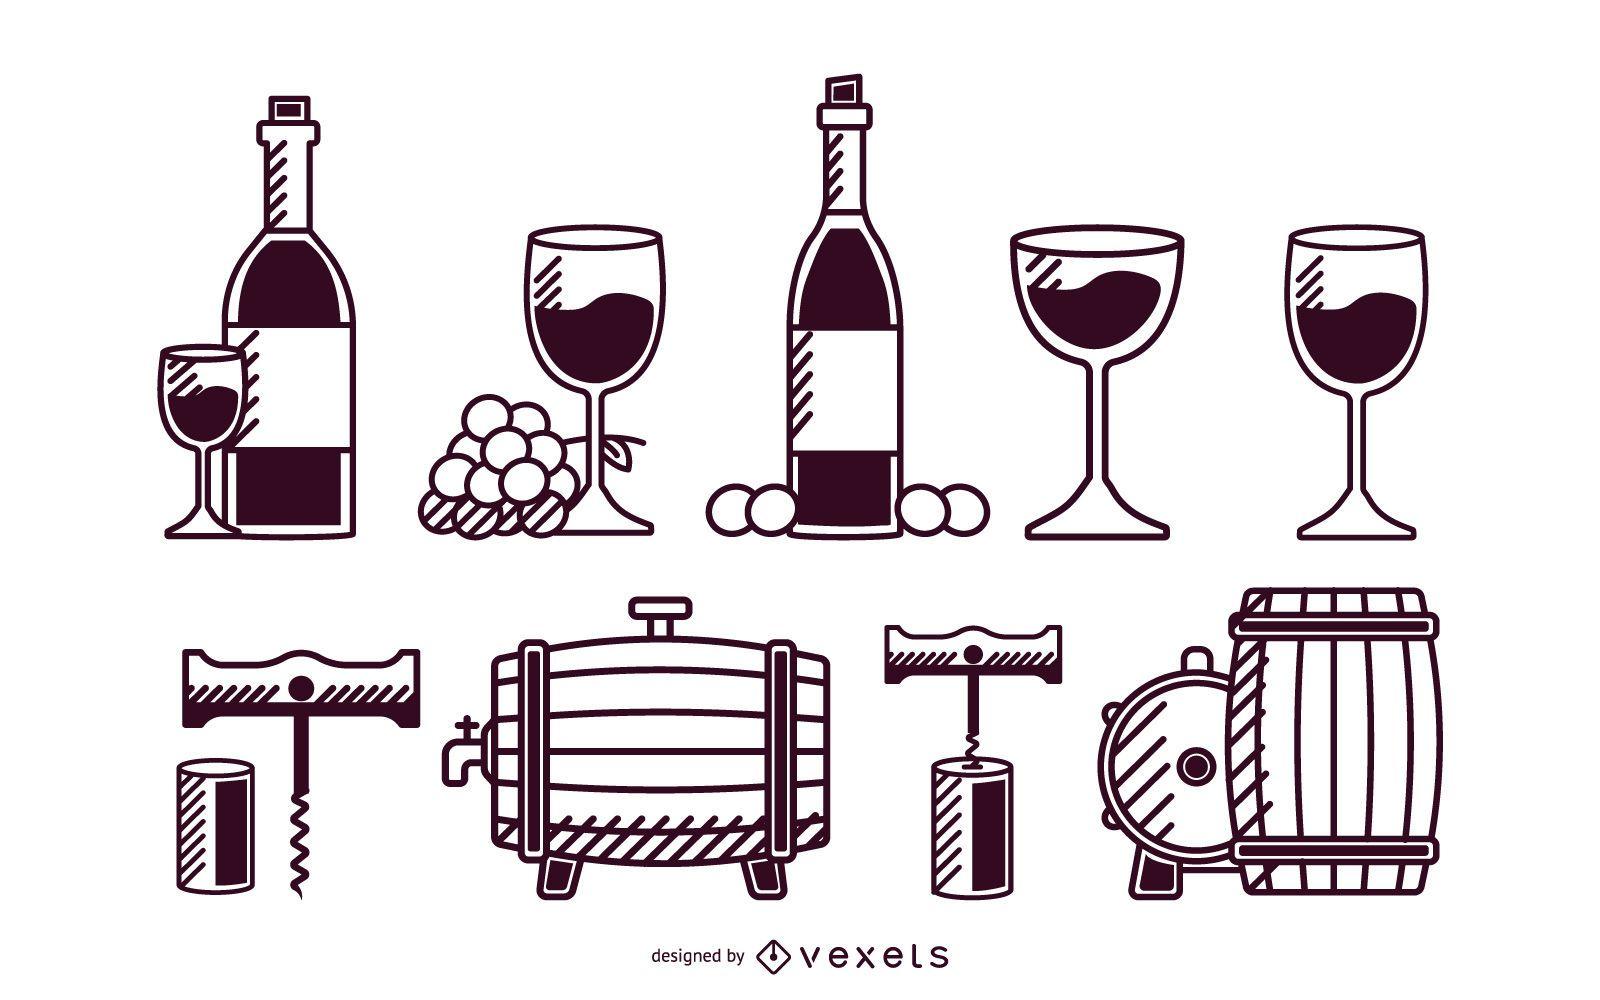 Weinelemente Strichset